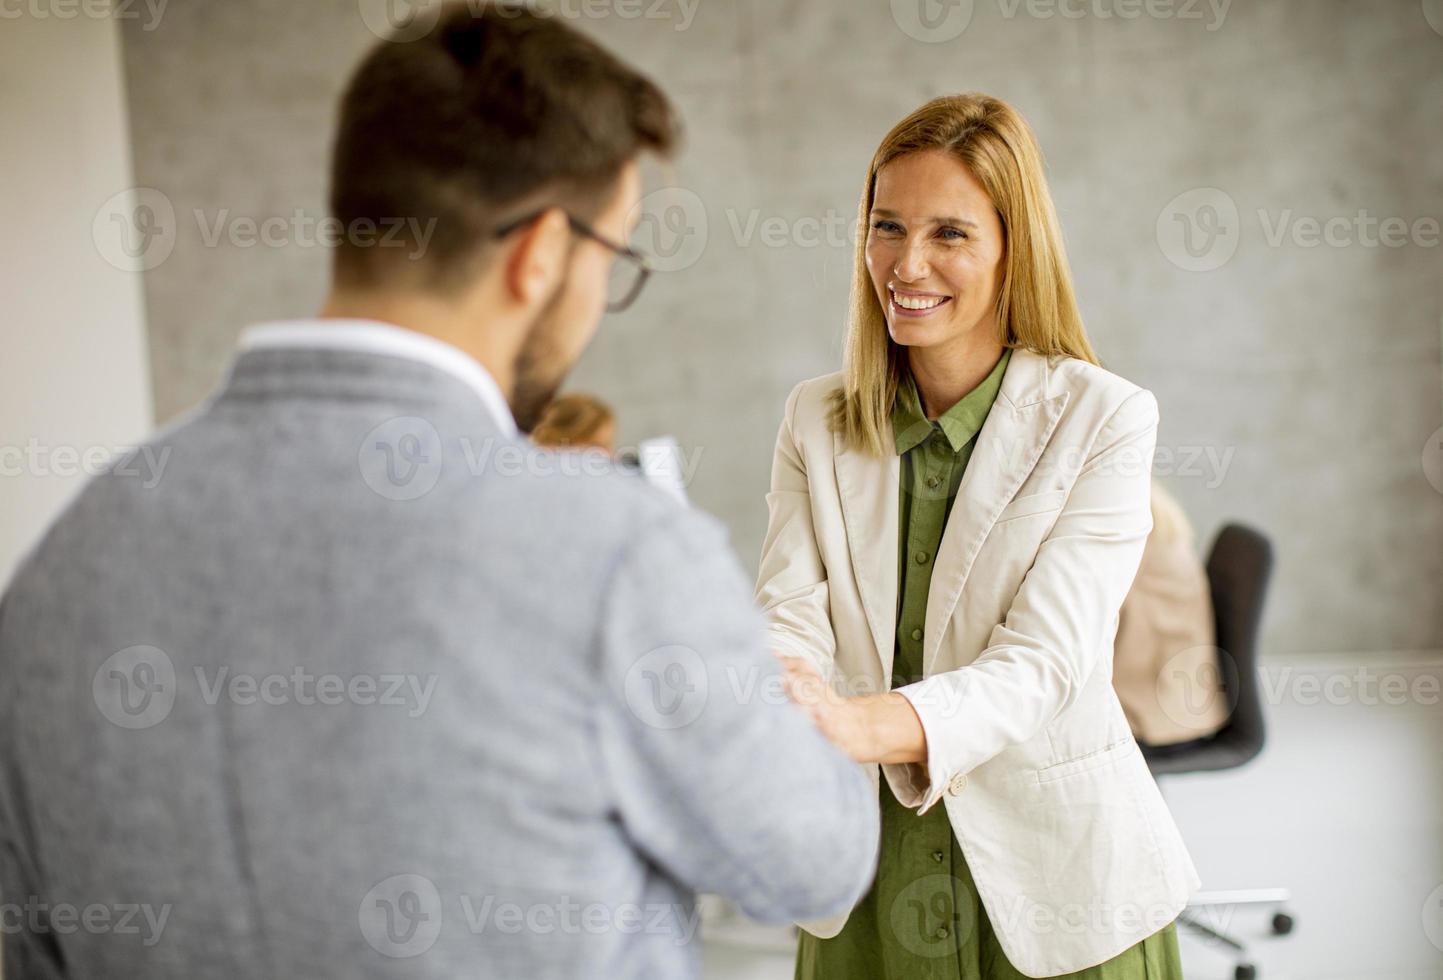 deux hommes d & # 39; affaires se serrant la main dans un bureau photo